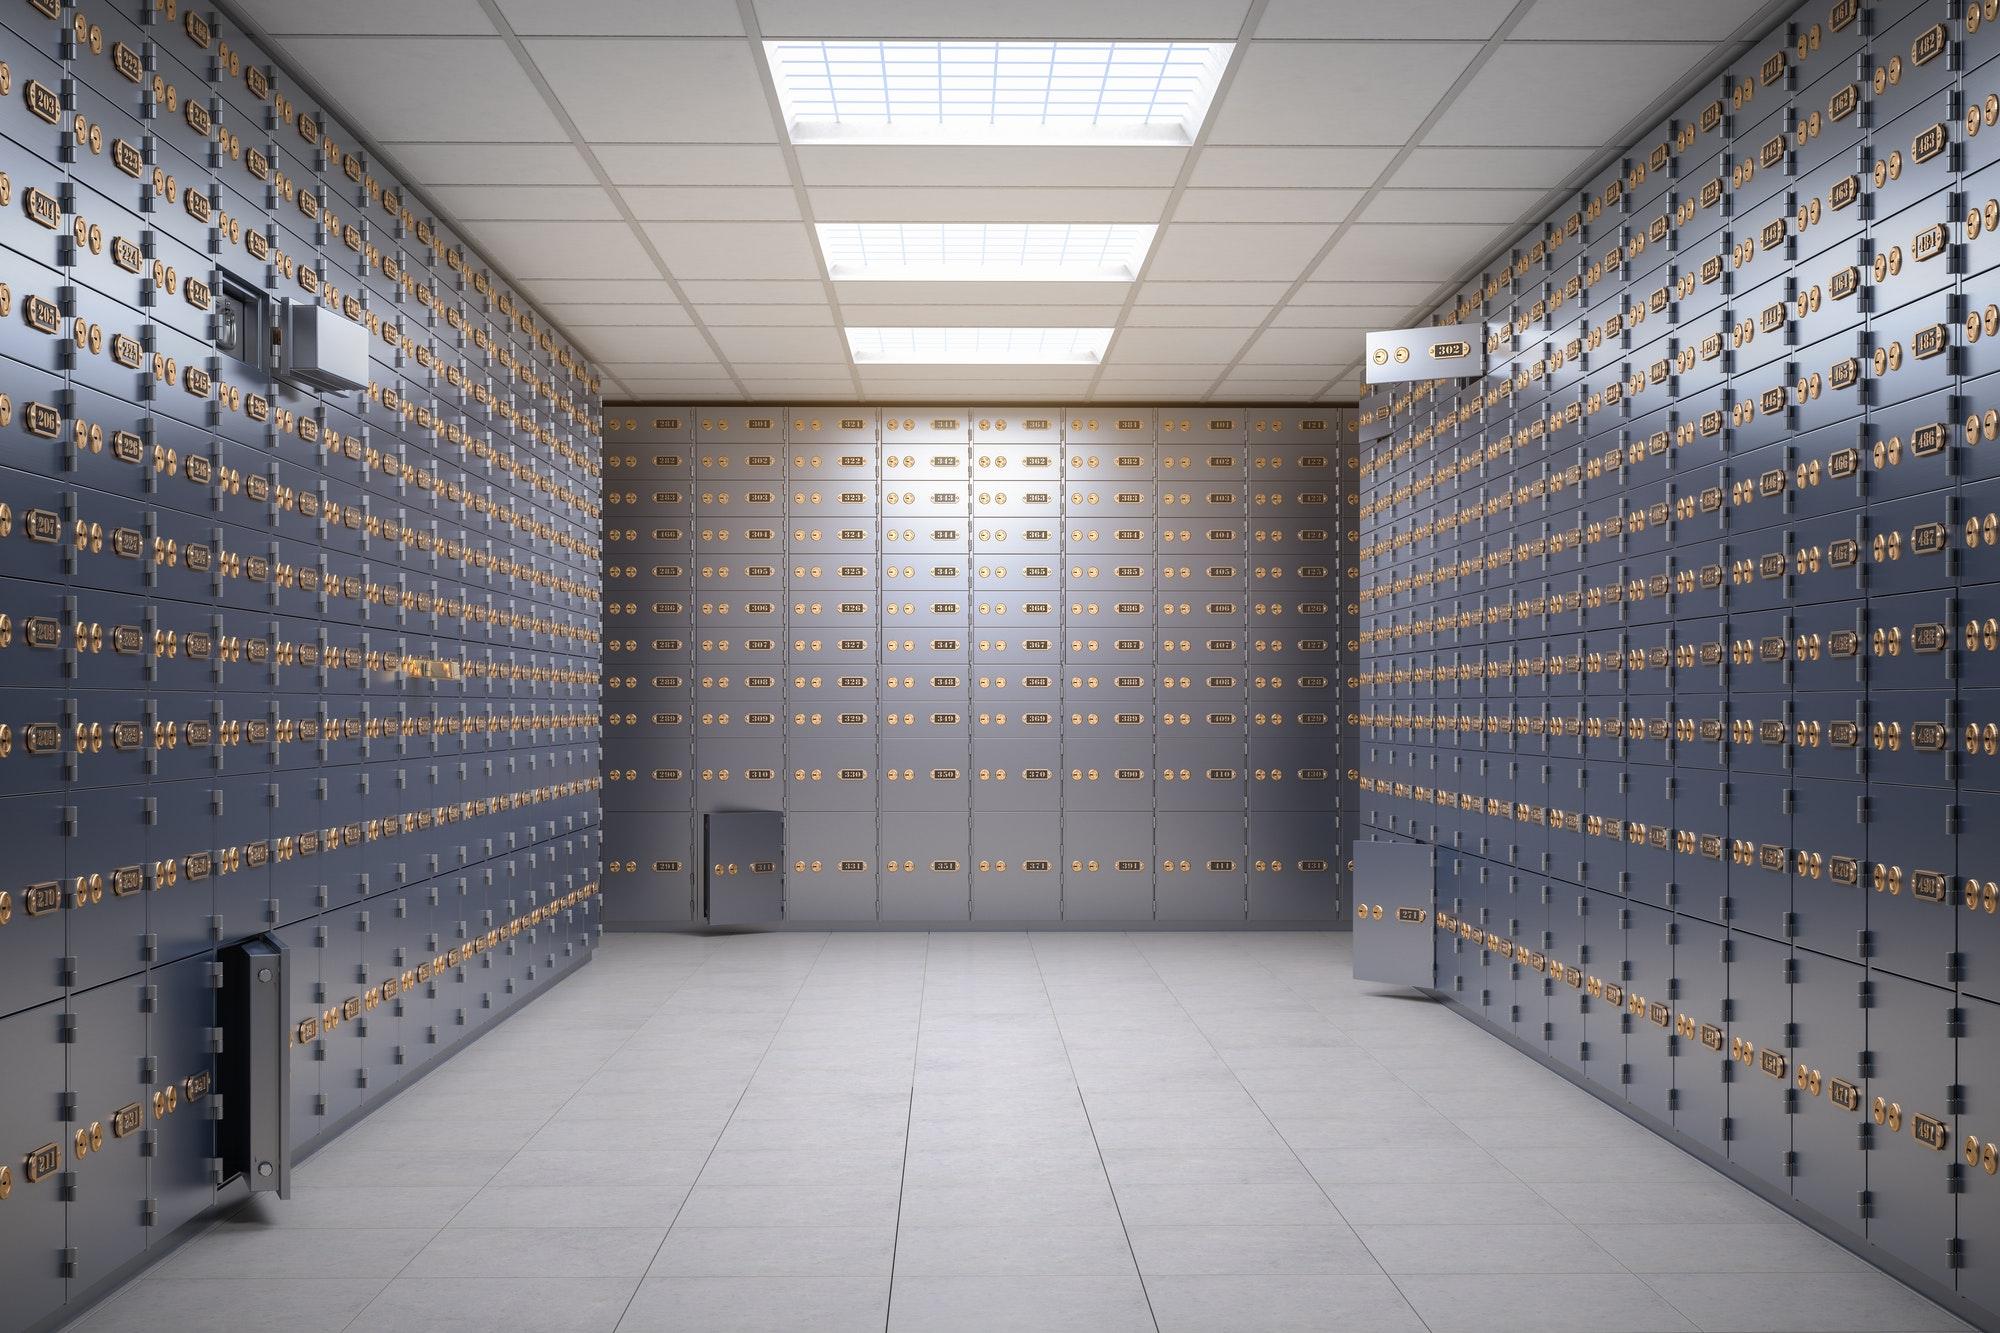 Safe deposit boxes room inside of a bank vault.